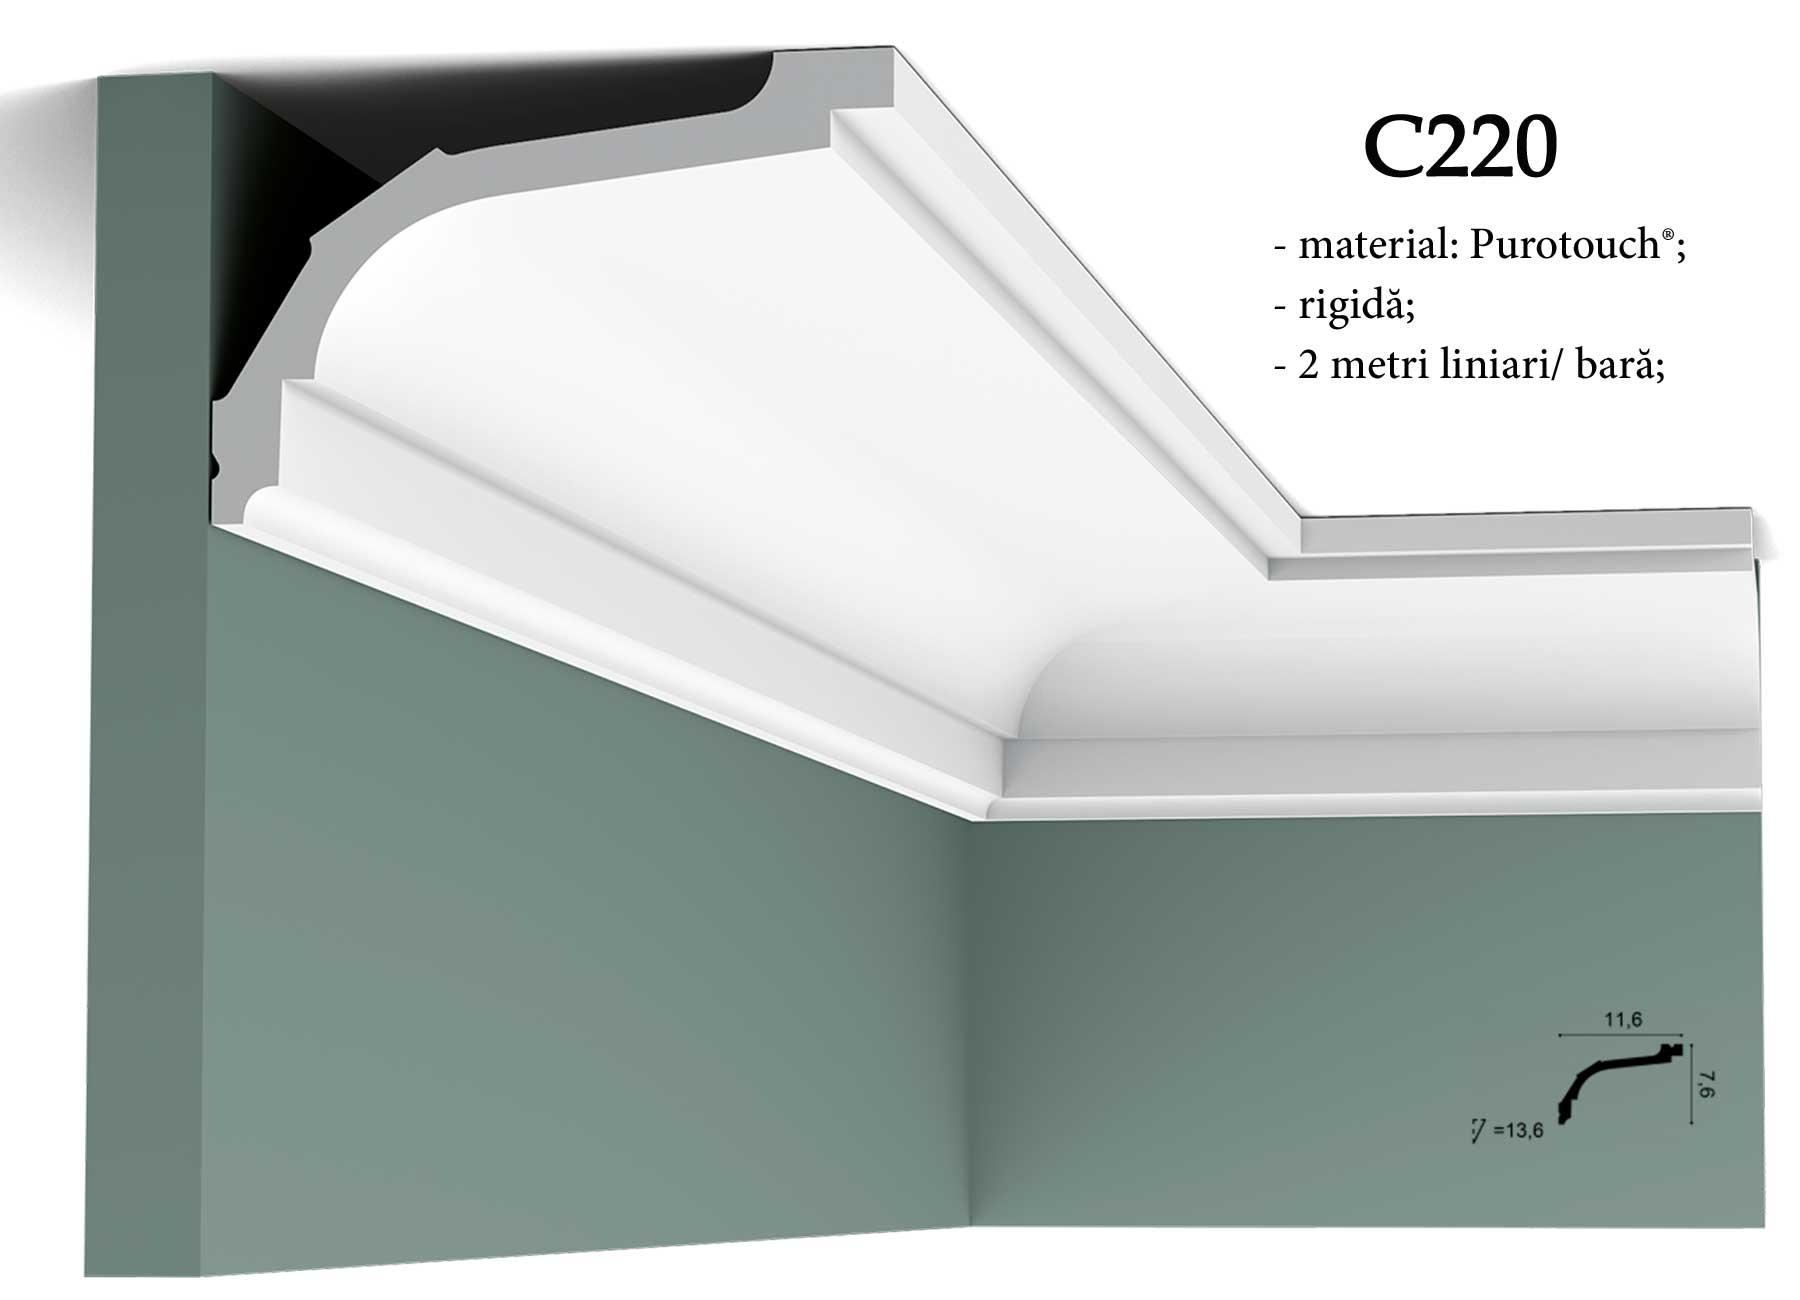 C220 Cornisa purotouch pentru tavan Orac Decor.